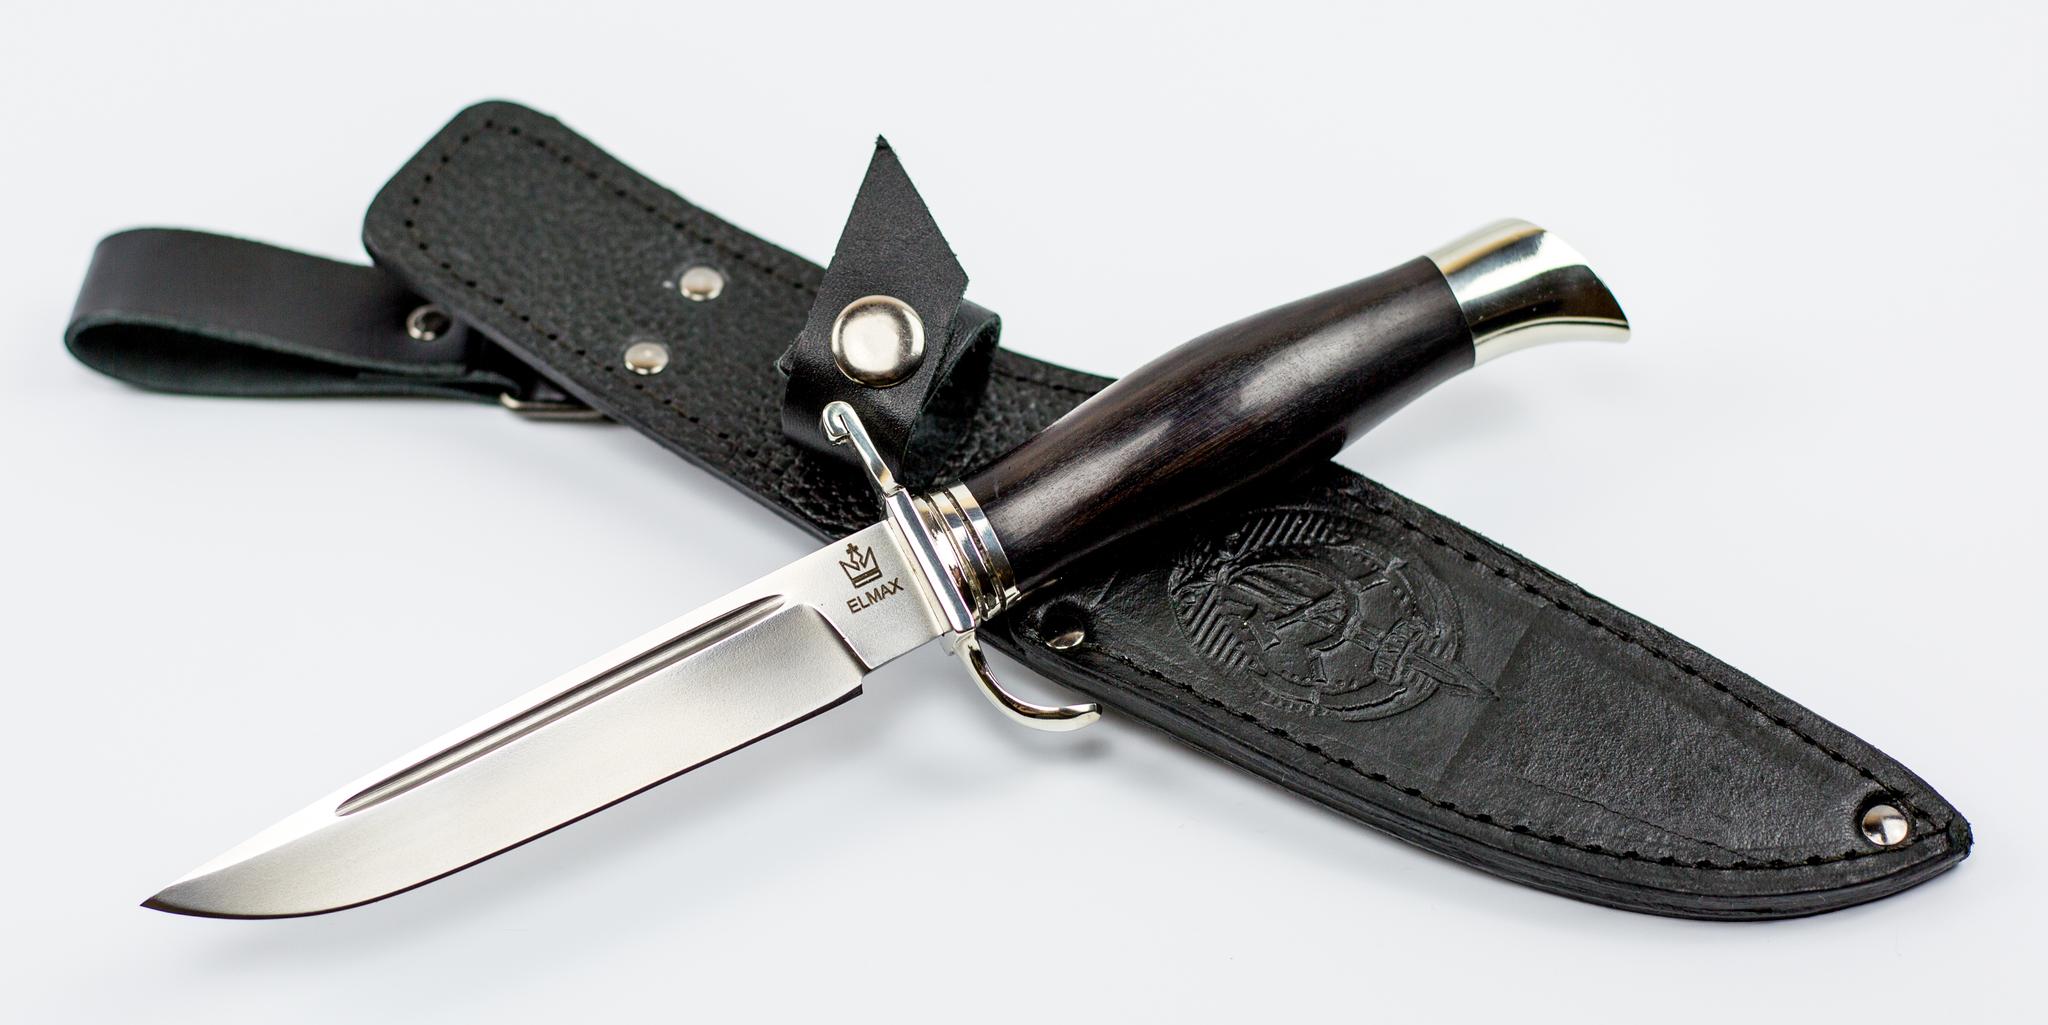 Фото 4 - Нож Финка НКВД, сталь ELMAX, граб, мельхиор от Мастерская Князева